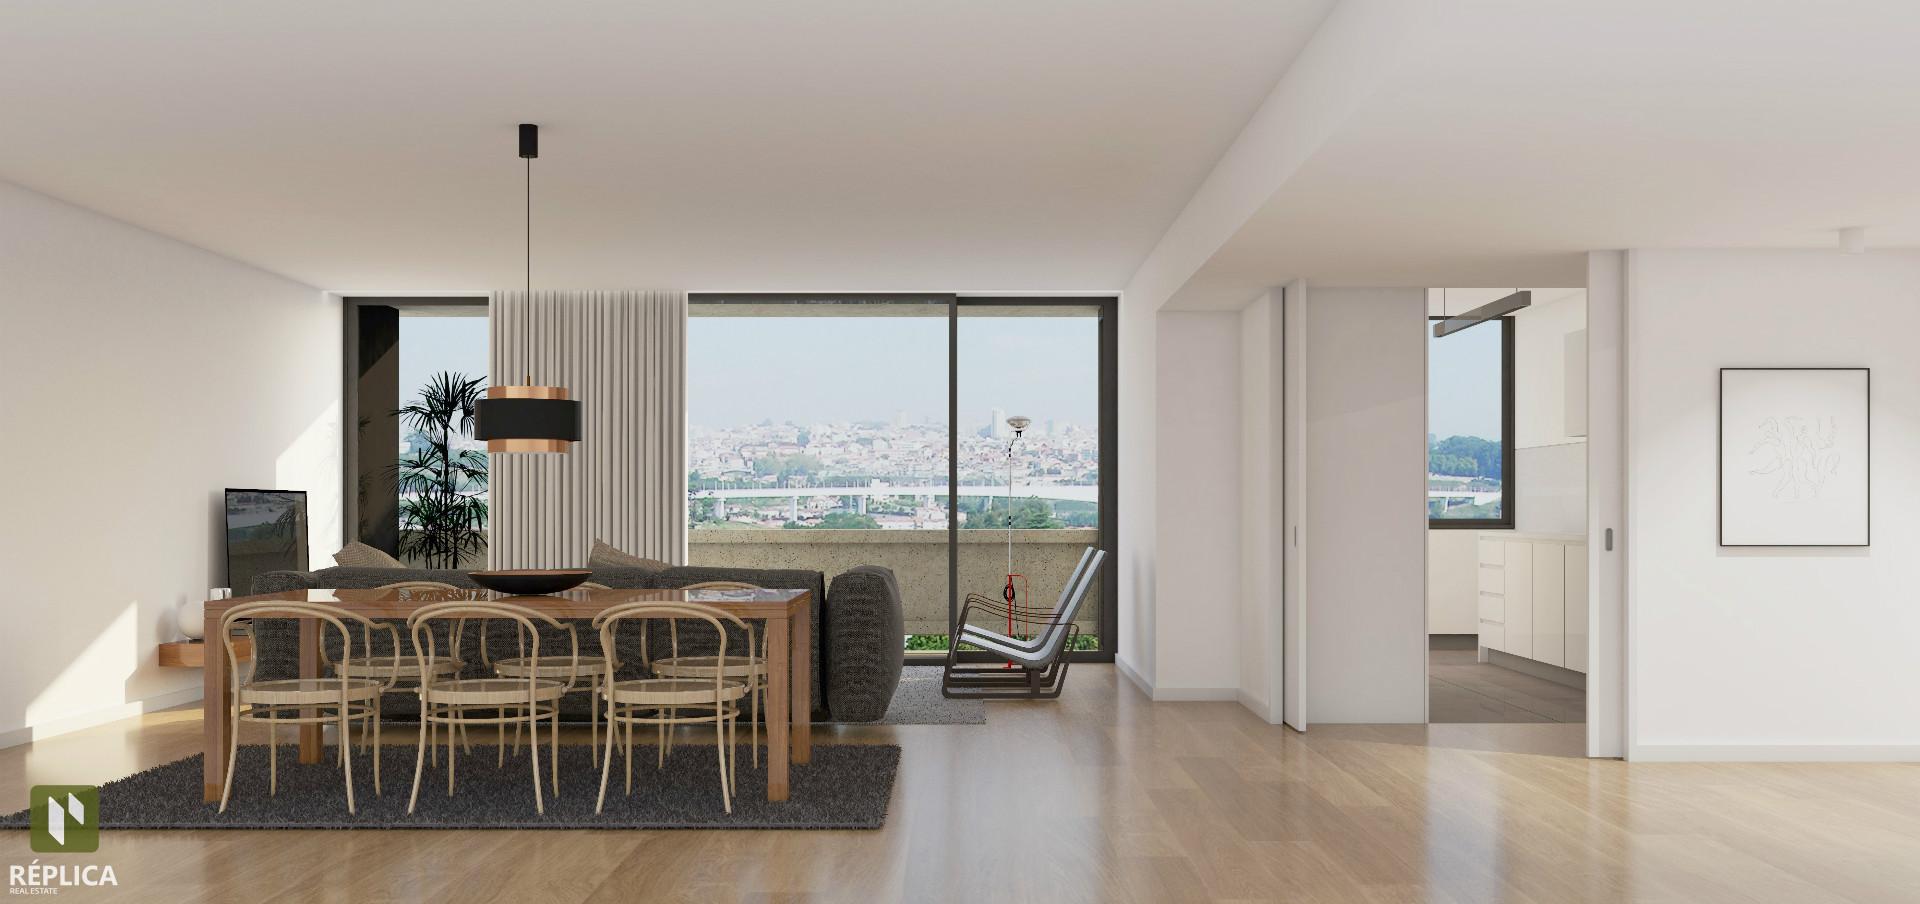 T4 em condomínio privado, Mafamude, Vila nova de Gaia